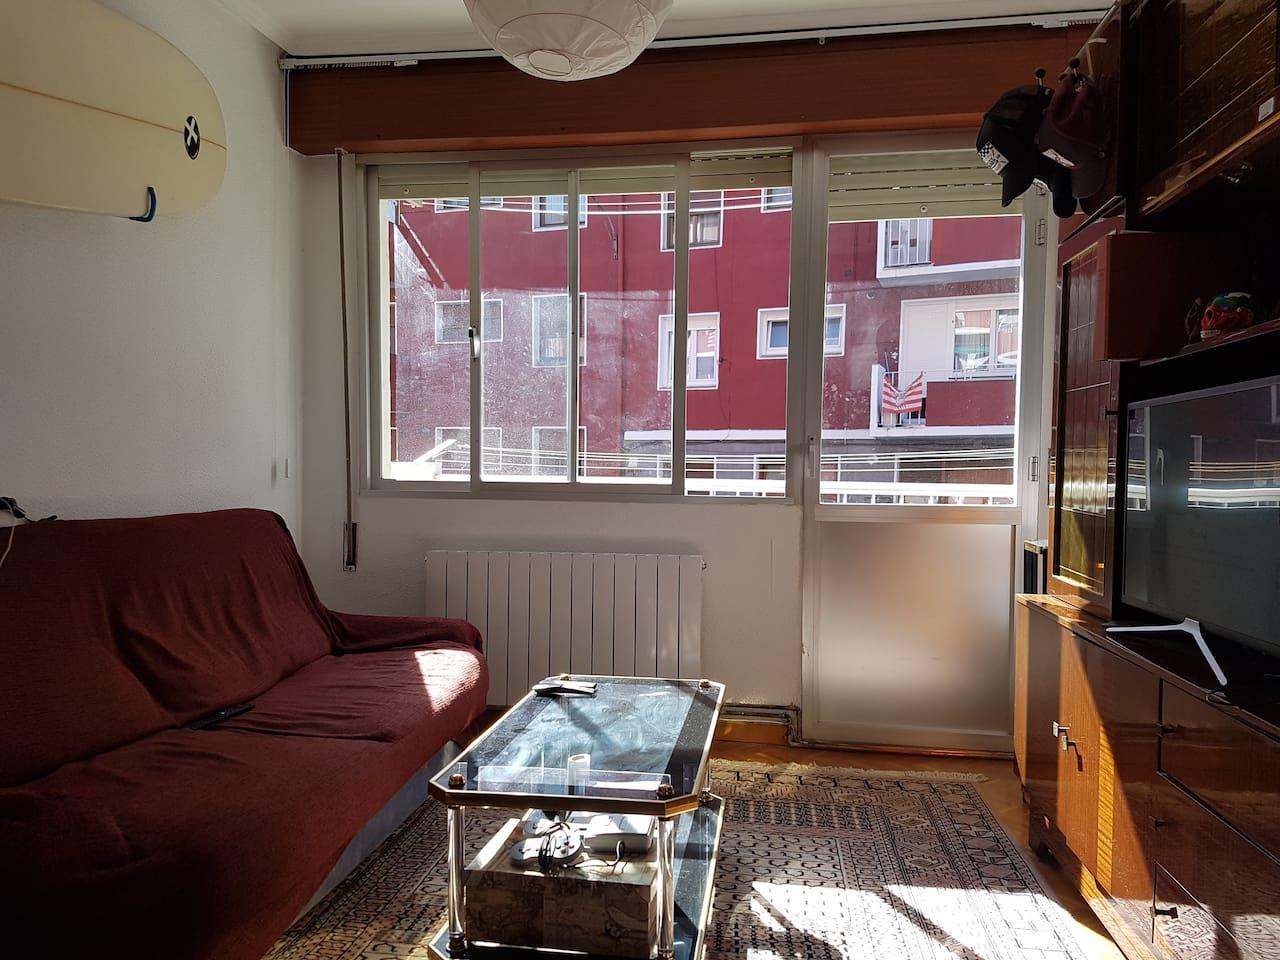 Instalación completa en toda la casa con radiadores en cada una de las habitaciones.